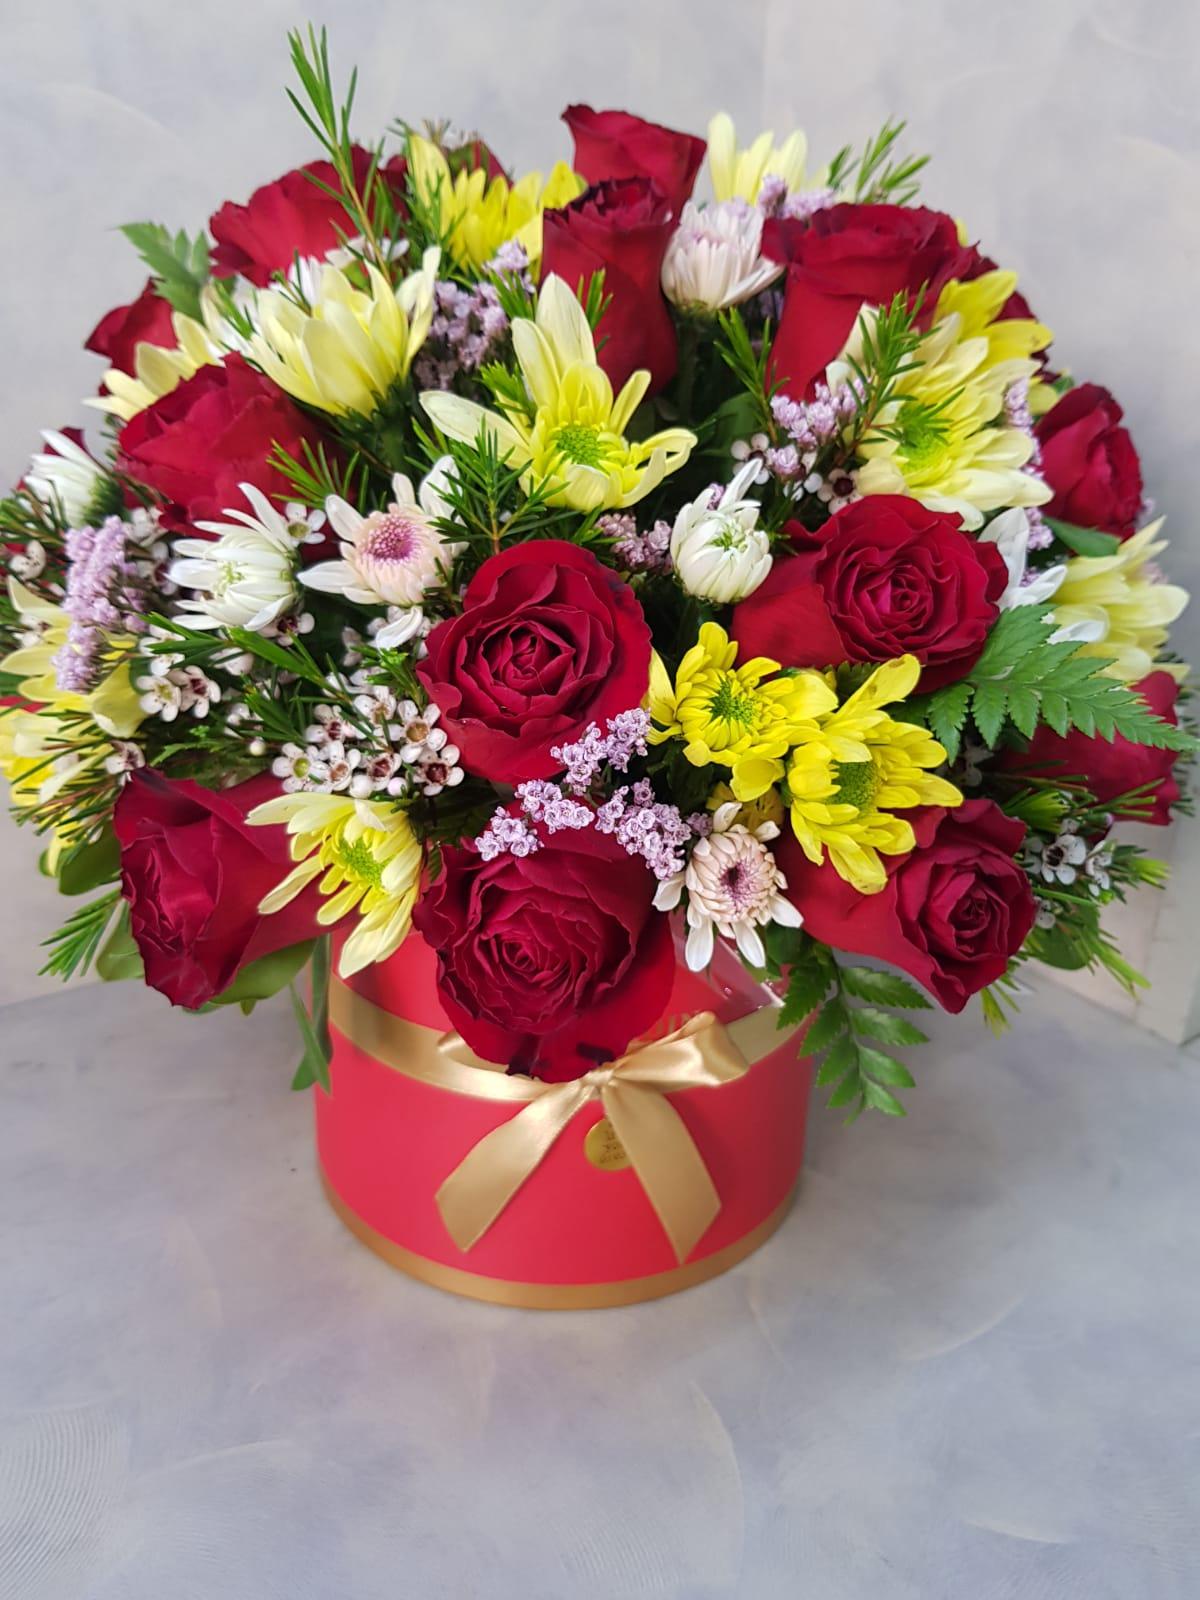 דבי בוערת - דבי פרחים - קרית ביאליק